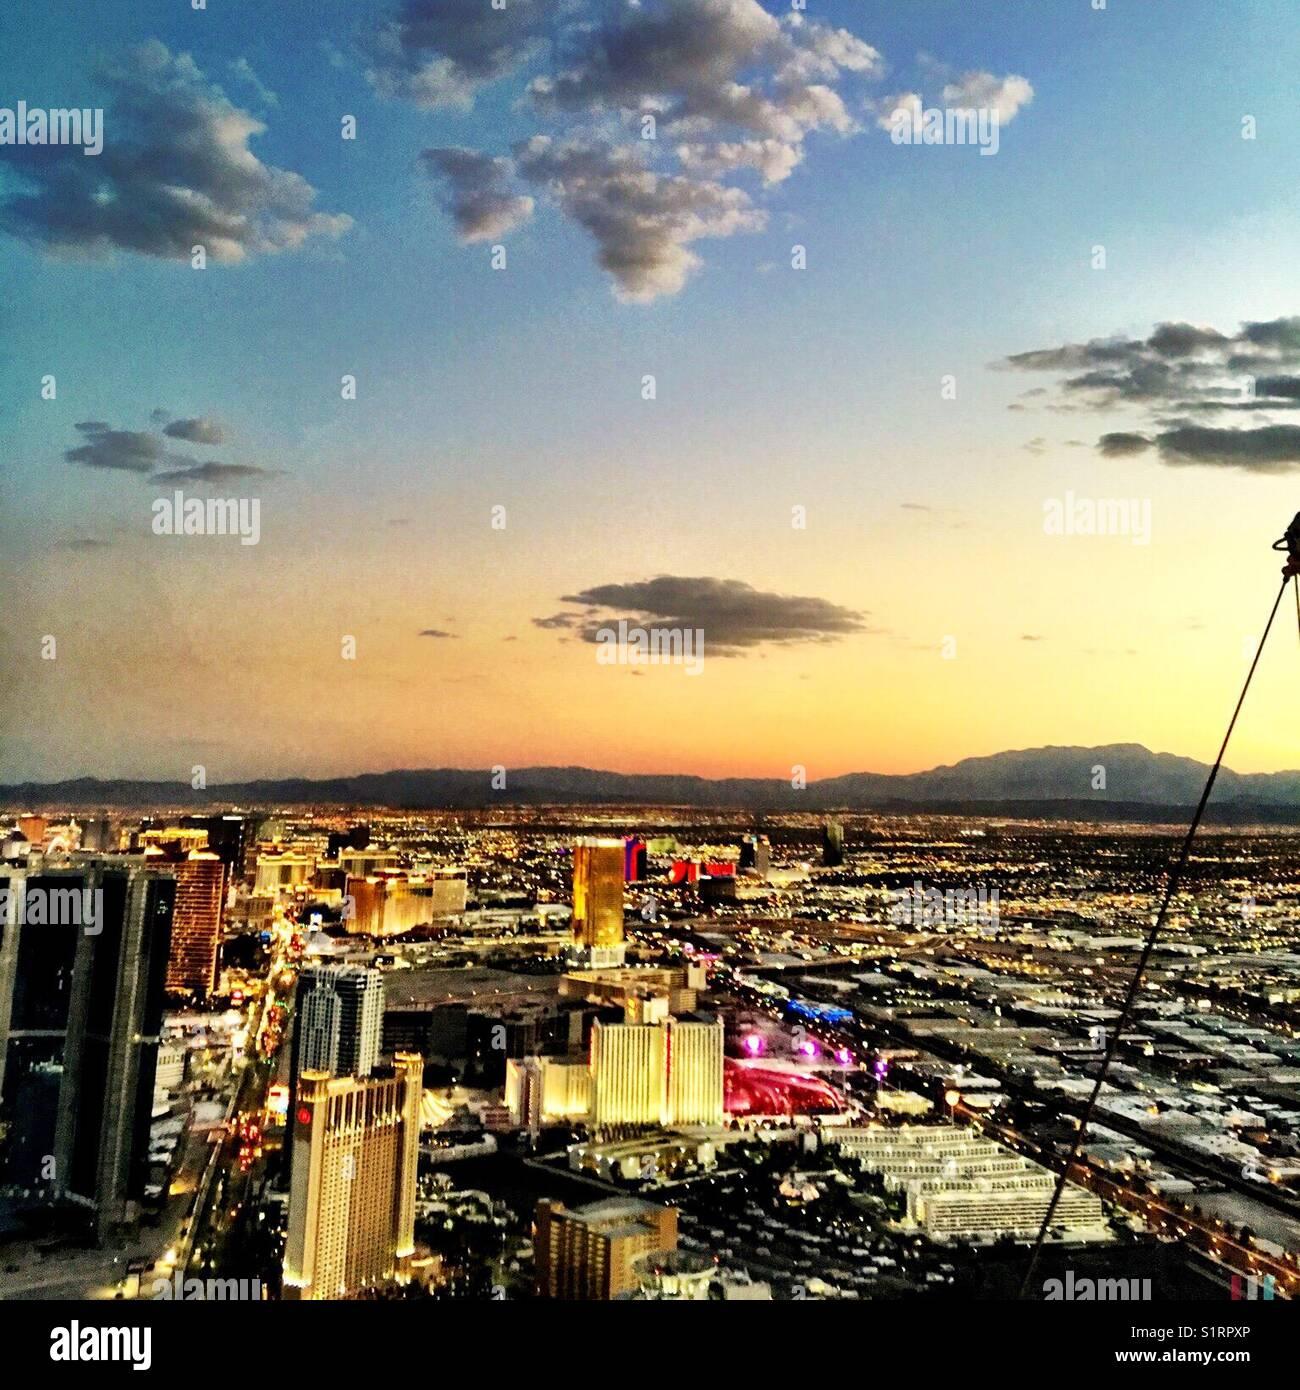 Las Vegas skyline - Stock Image